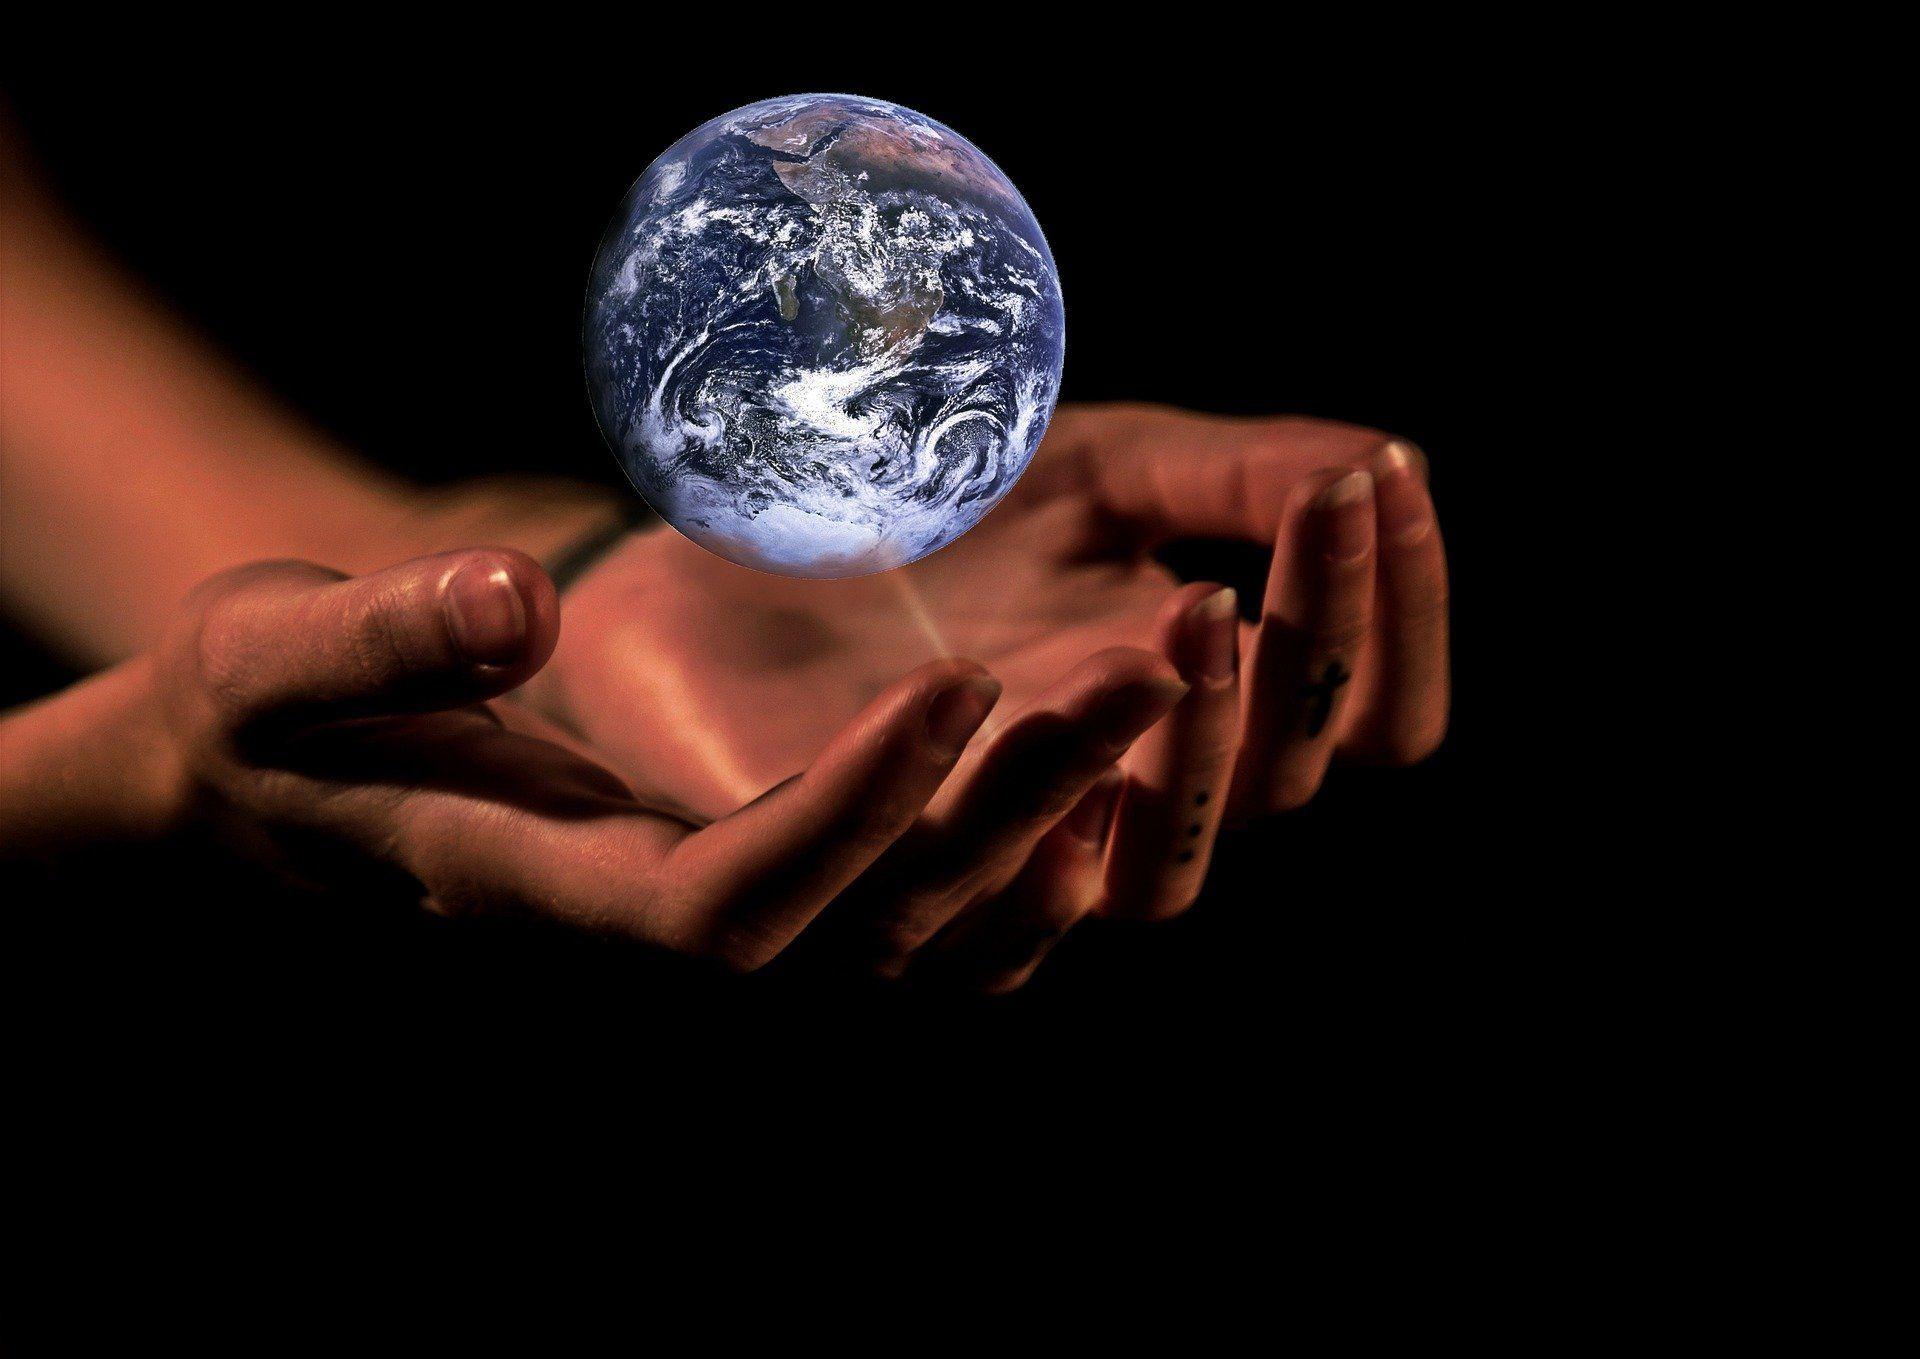 Ist die Welt noch zu retten? Neo-Ökologen bemühen sich mit Kräften darum